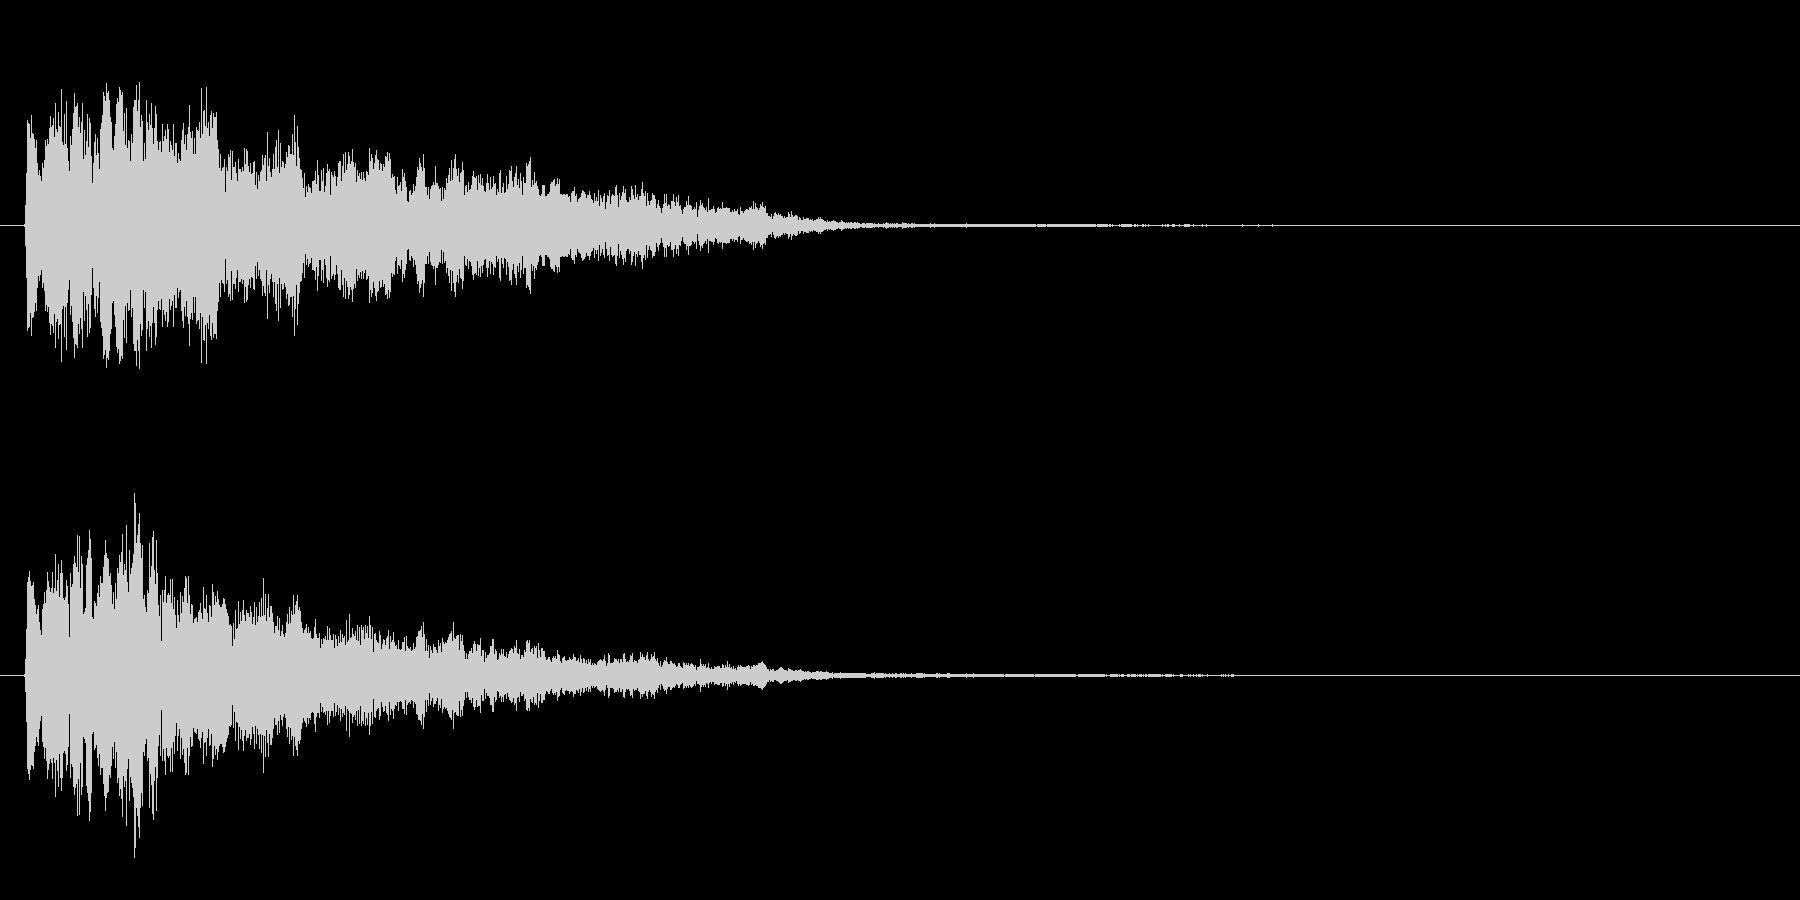 ピロン という感じの効果音の未再生の波形